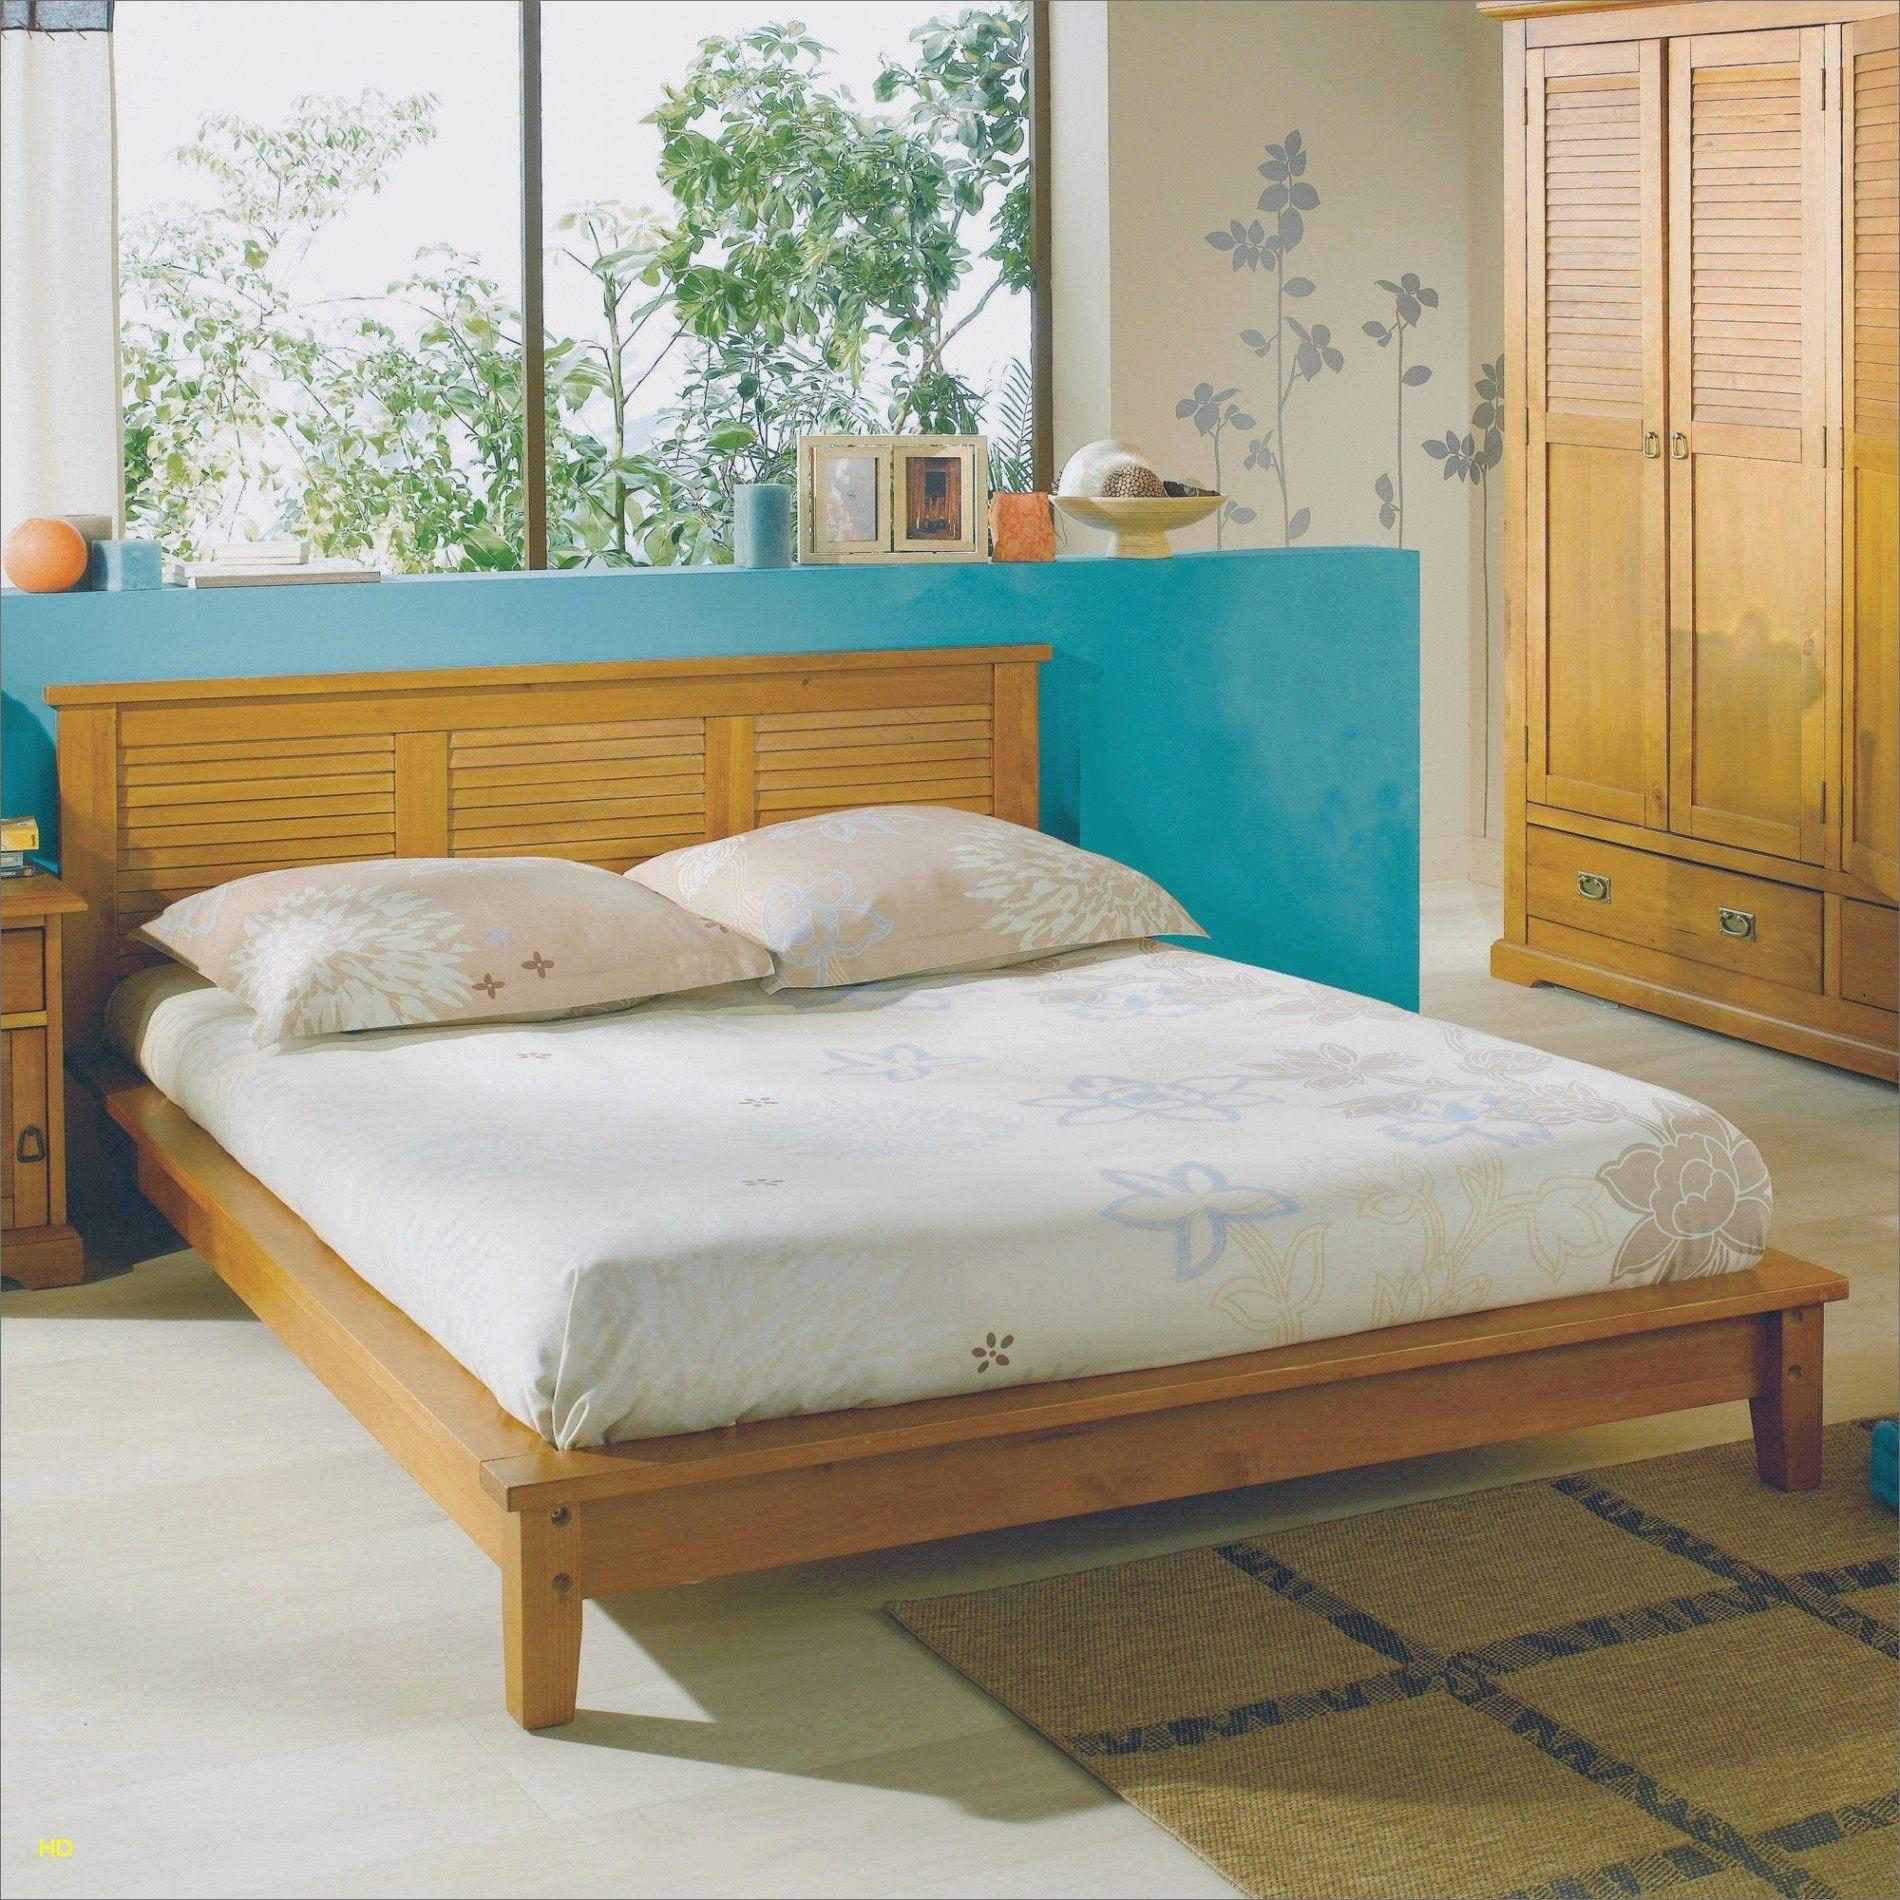 Tete De Lit Design 160 Belle Tete De Lit Rangement 160 Ikea Tete De Lit 160 Meilleur De Image